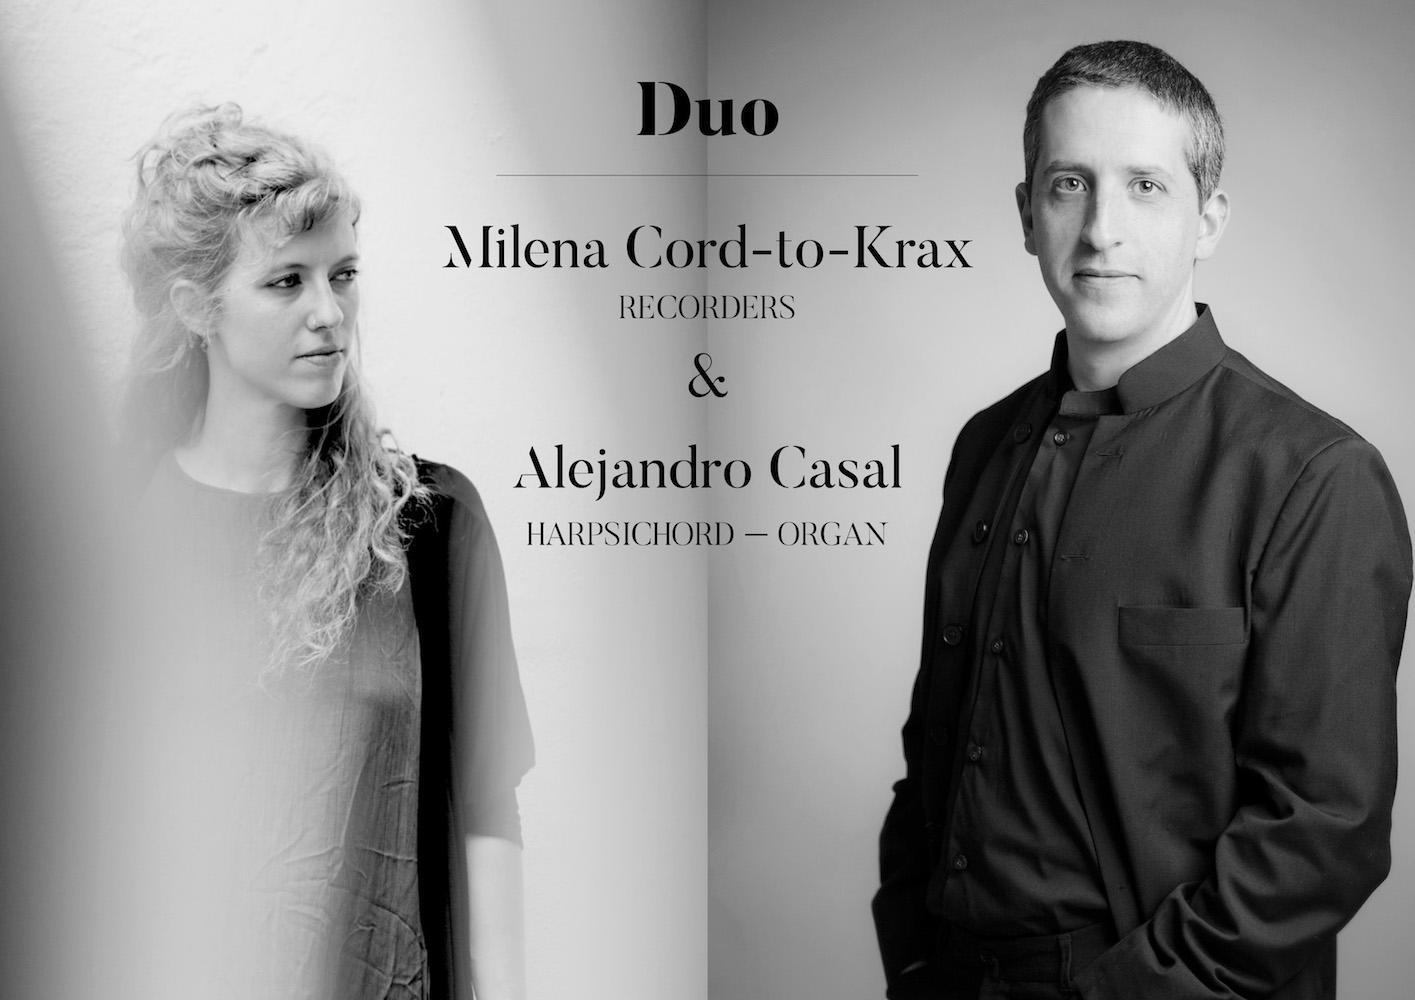 Milena Cord-to-Krax & Alejandro Casal Duo